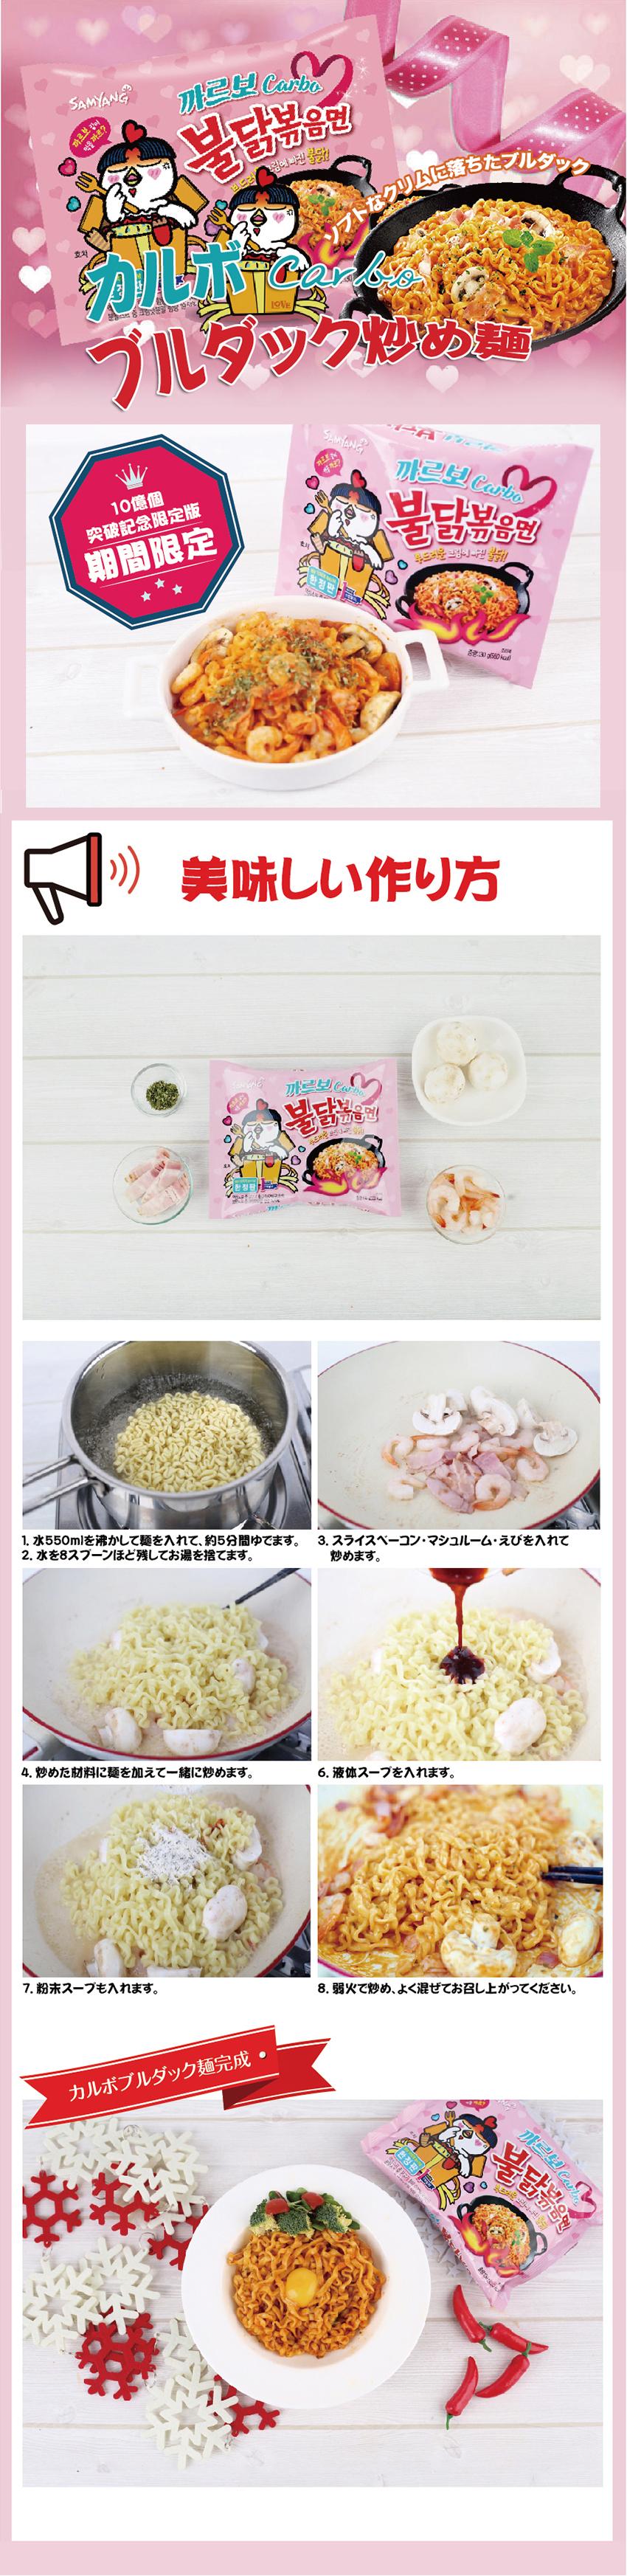 カルボブルダック炒め麺